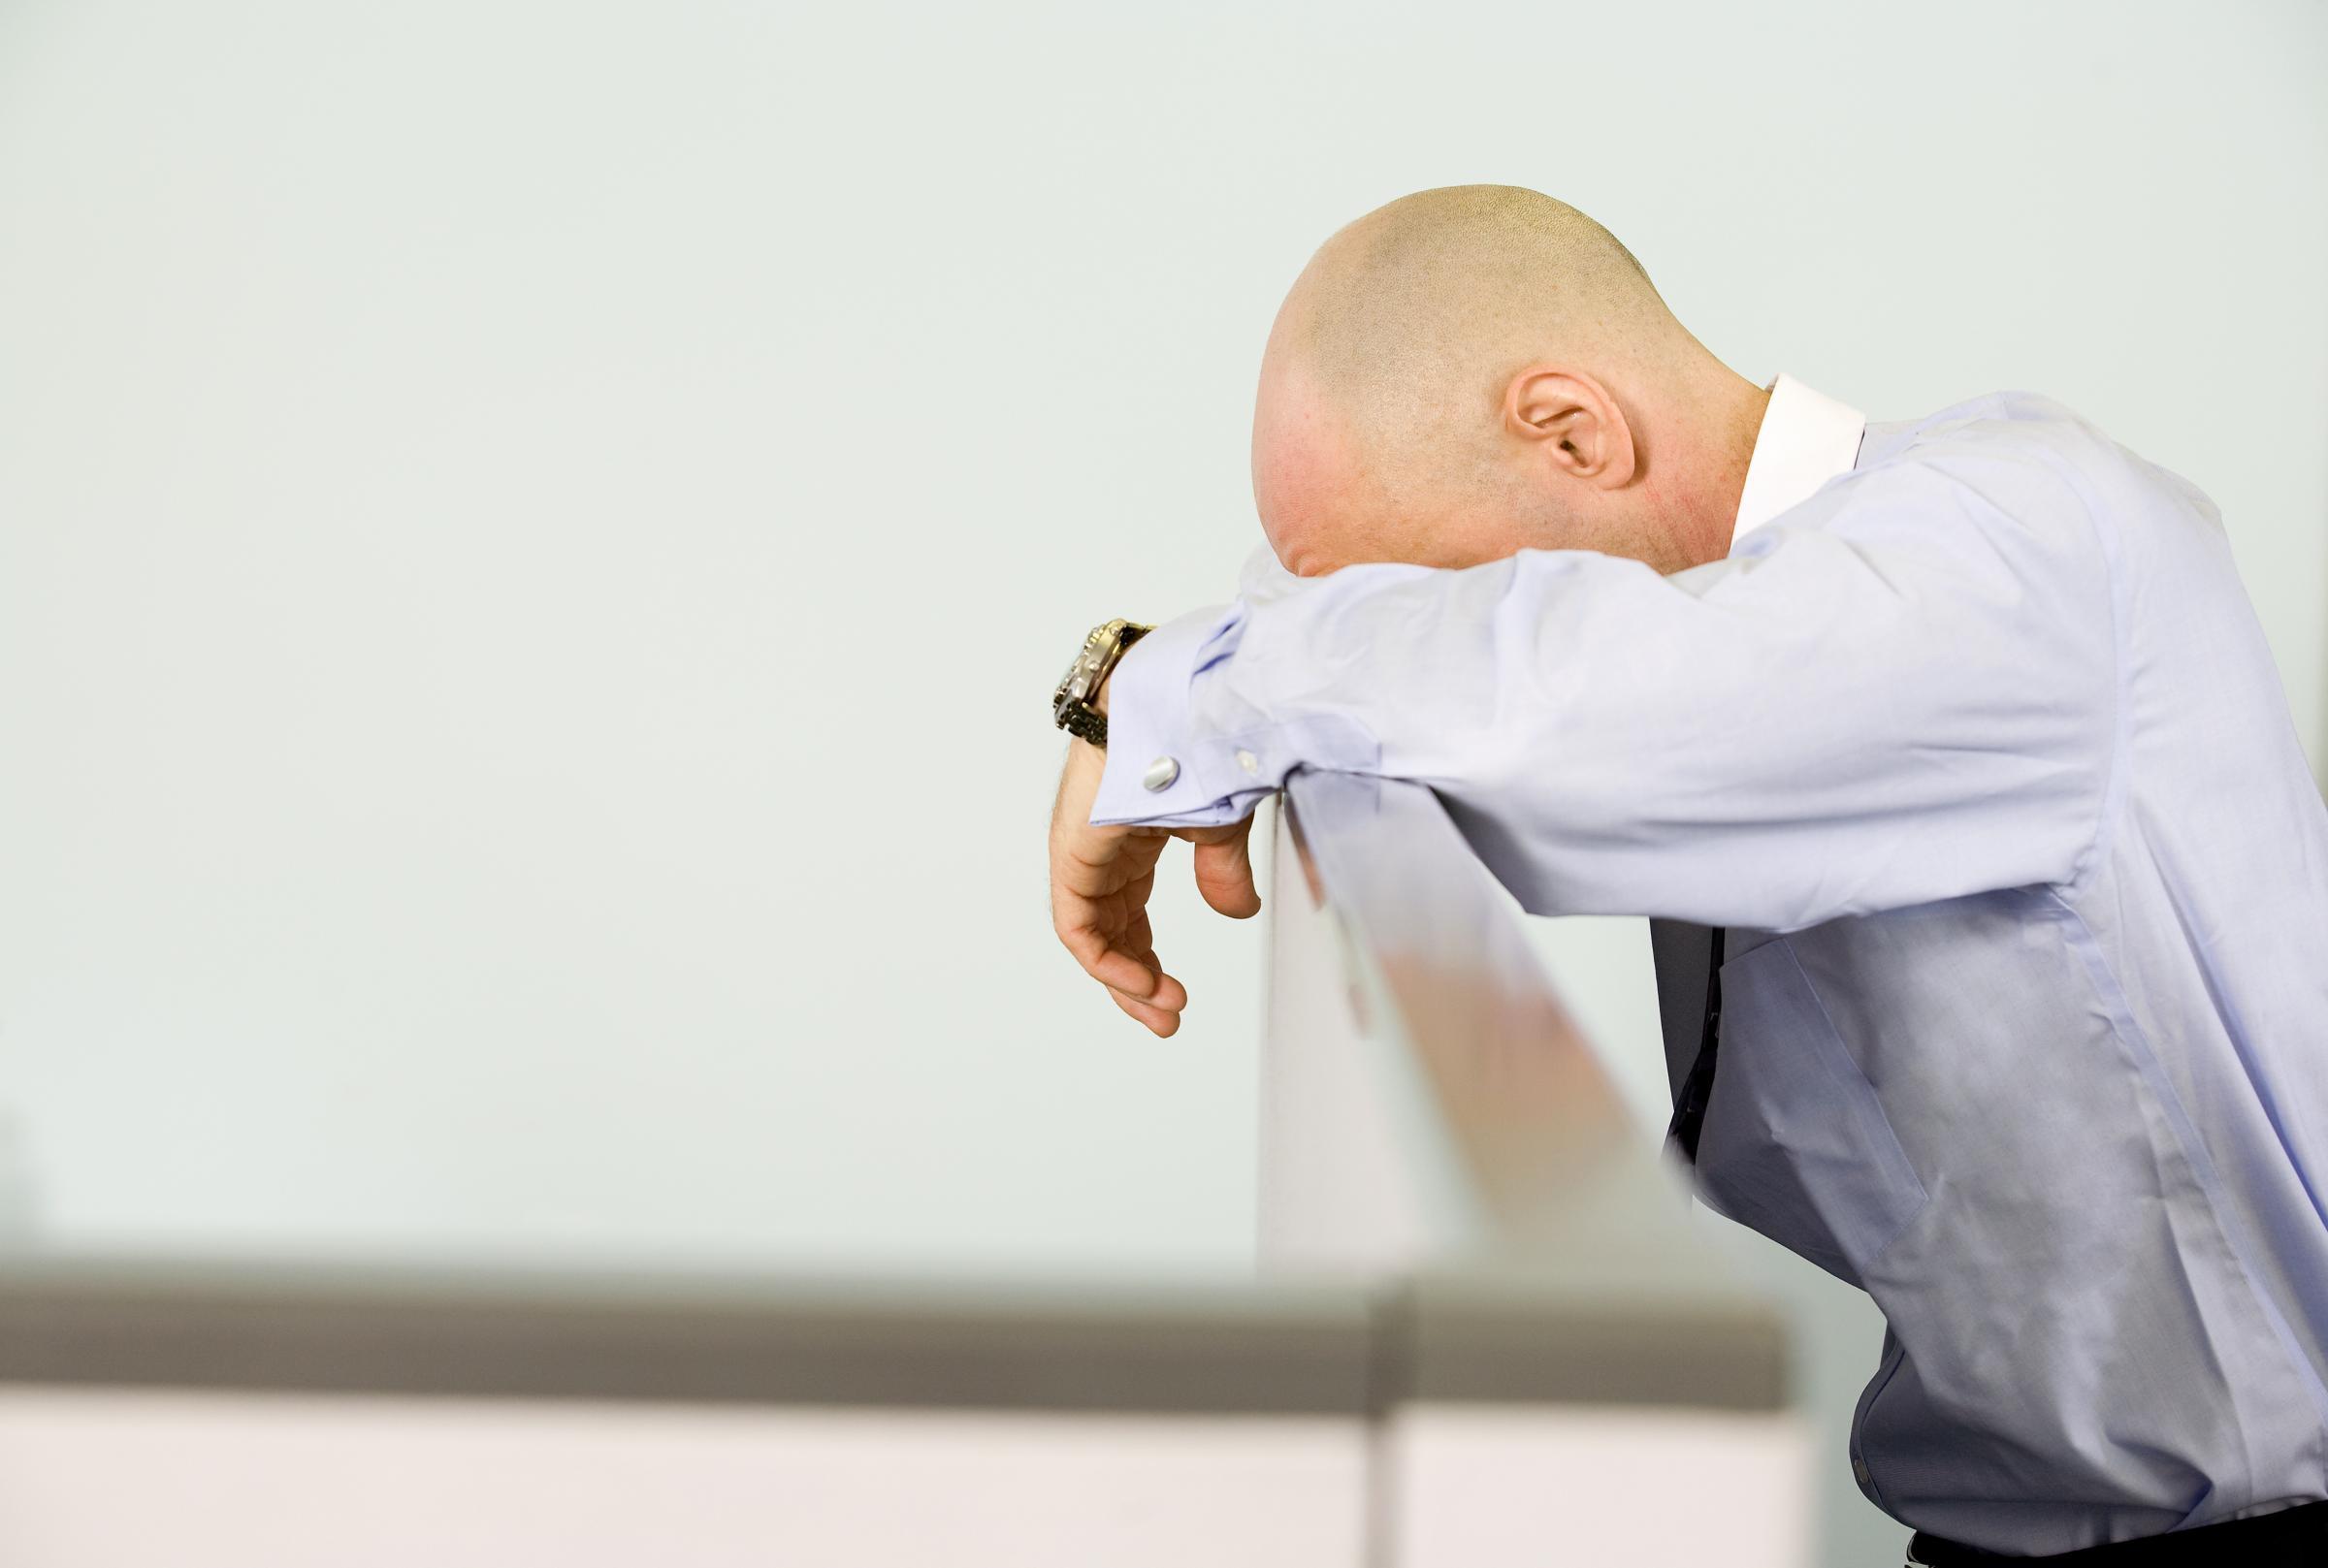 Kelelahan pekerja massal mengancam masa-masa sulit di depan